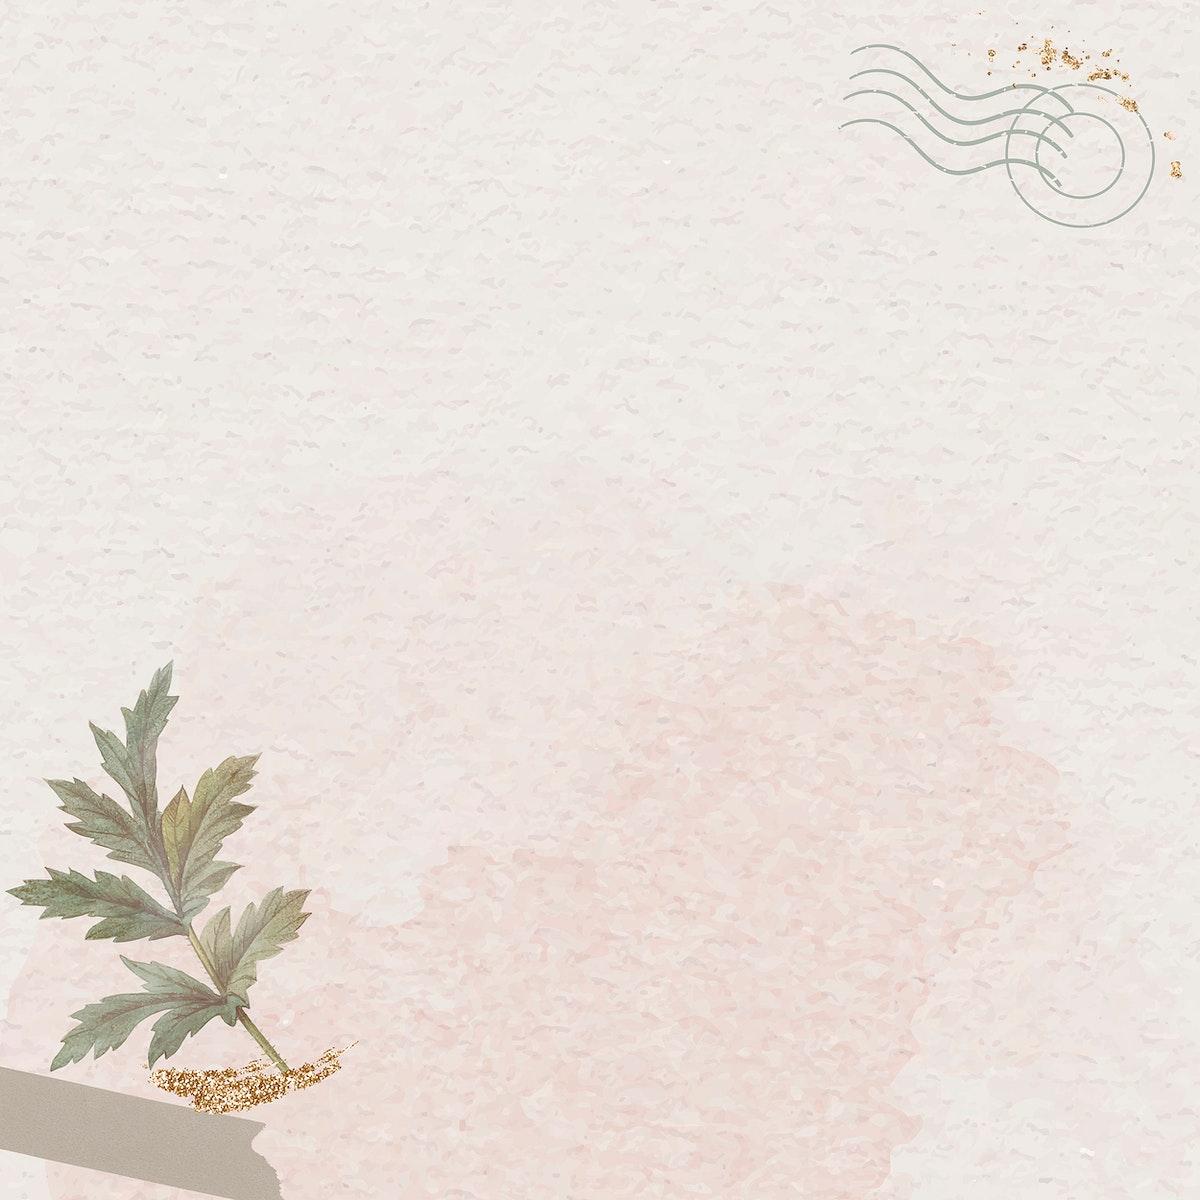 Leaf on beige background vector